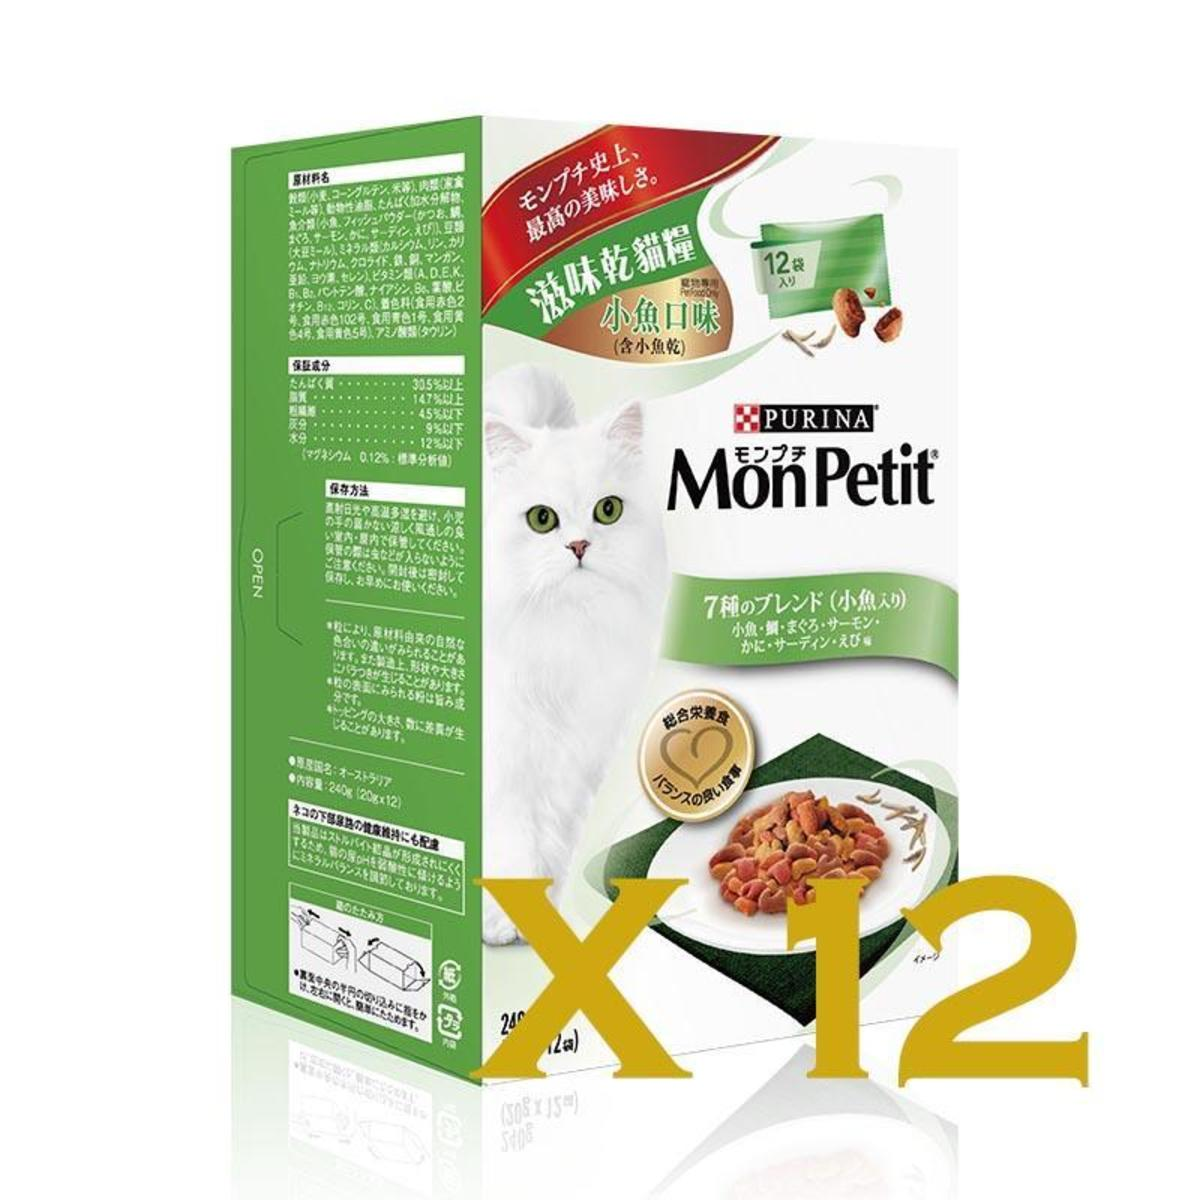 Luxe滋味乾貓糧小魚口味(含小魚乾)盒裝240g(20gx12袋)-12盒